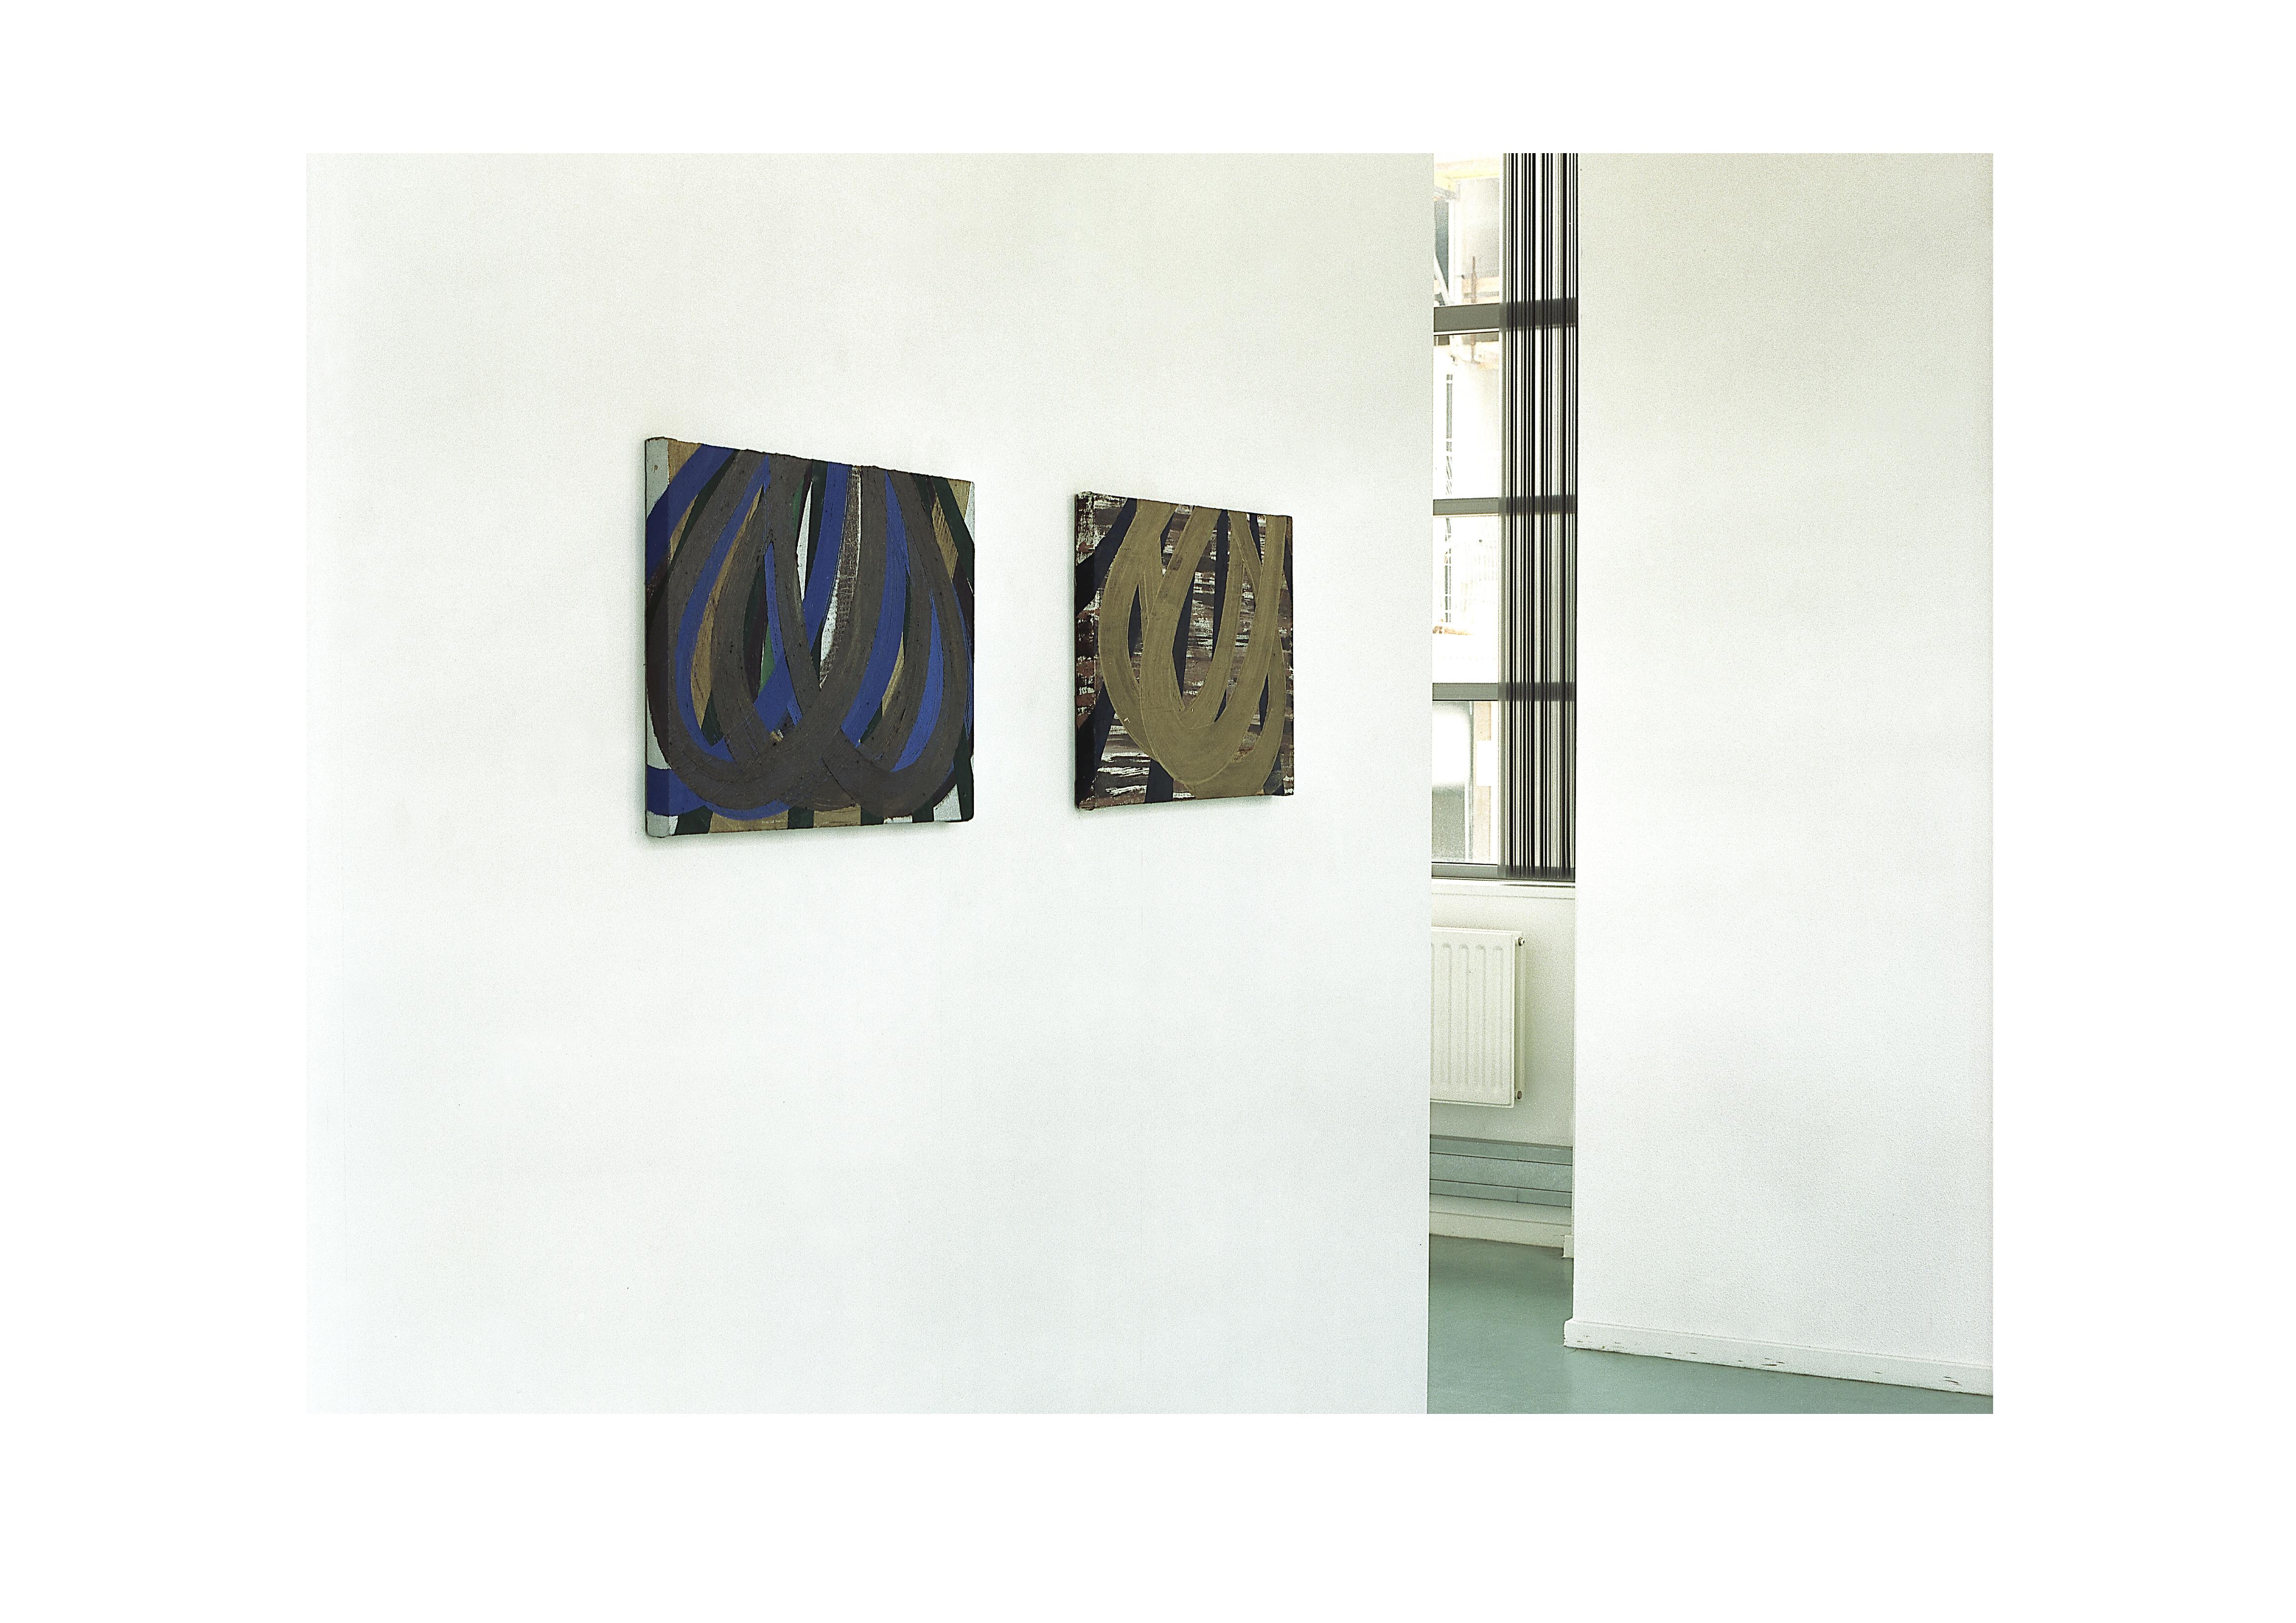 krabbedans 2001-2